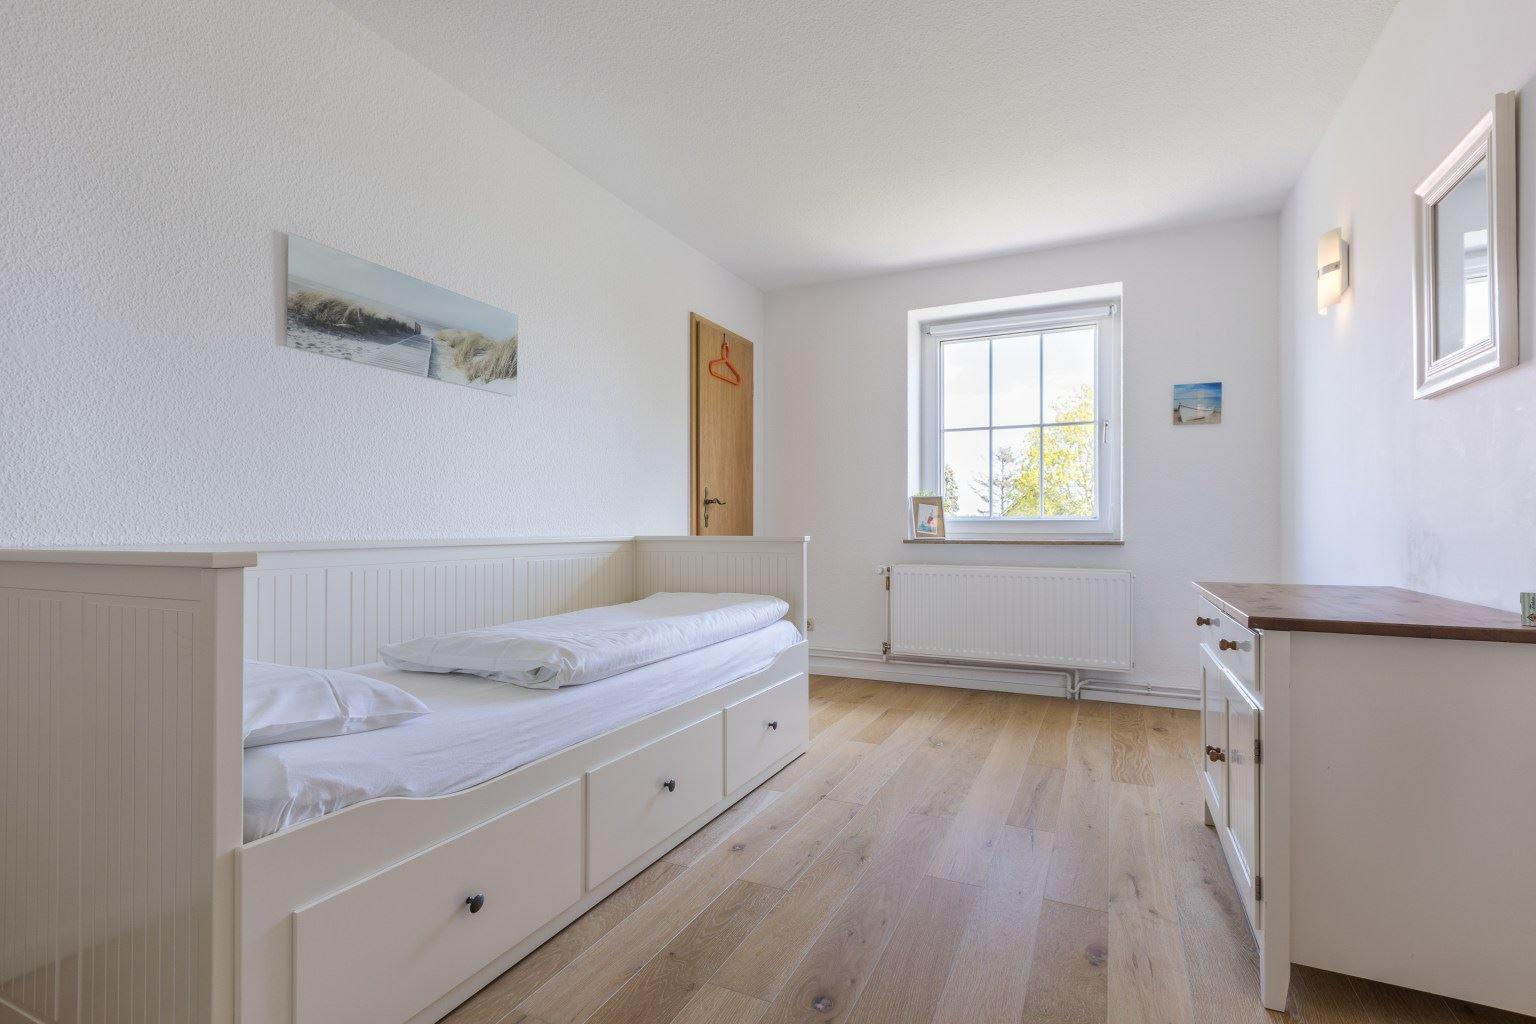 """4. Schlafzimmer - St Peter Ording Umgebung, Ferienhaus """"Liebevoll"""", Möhlenbarg 9, Tating"""